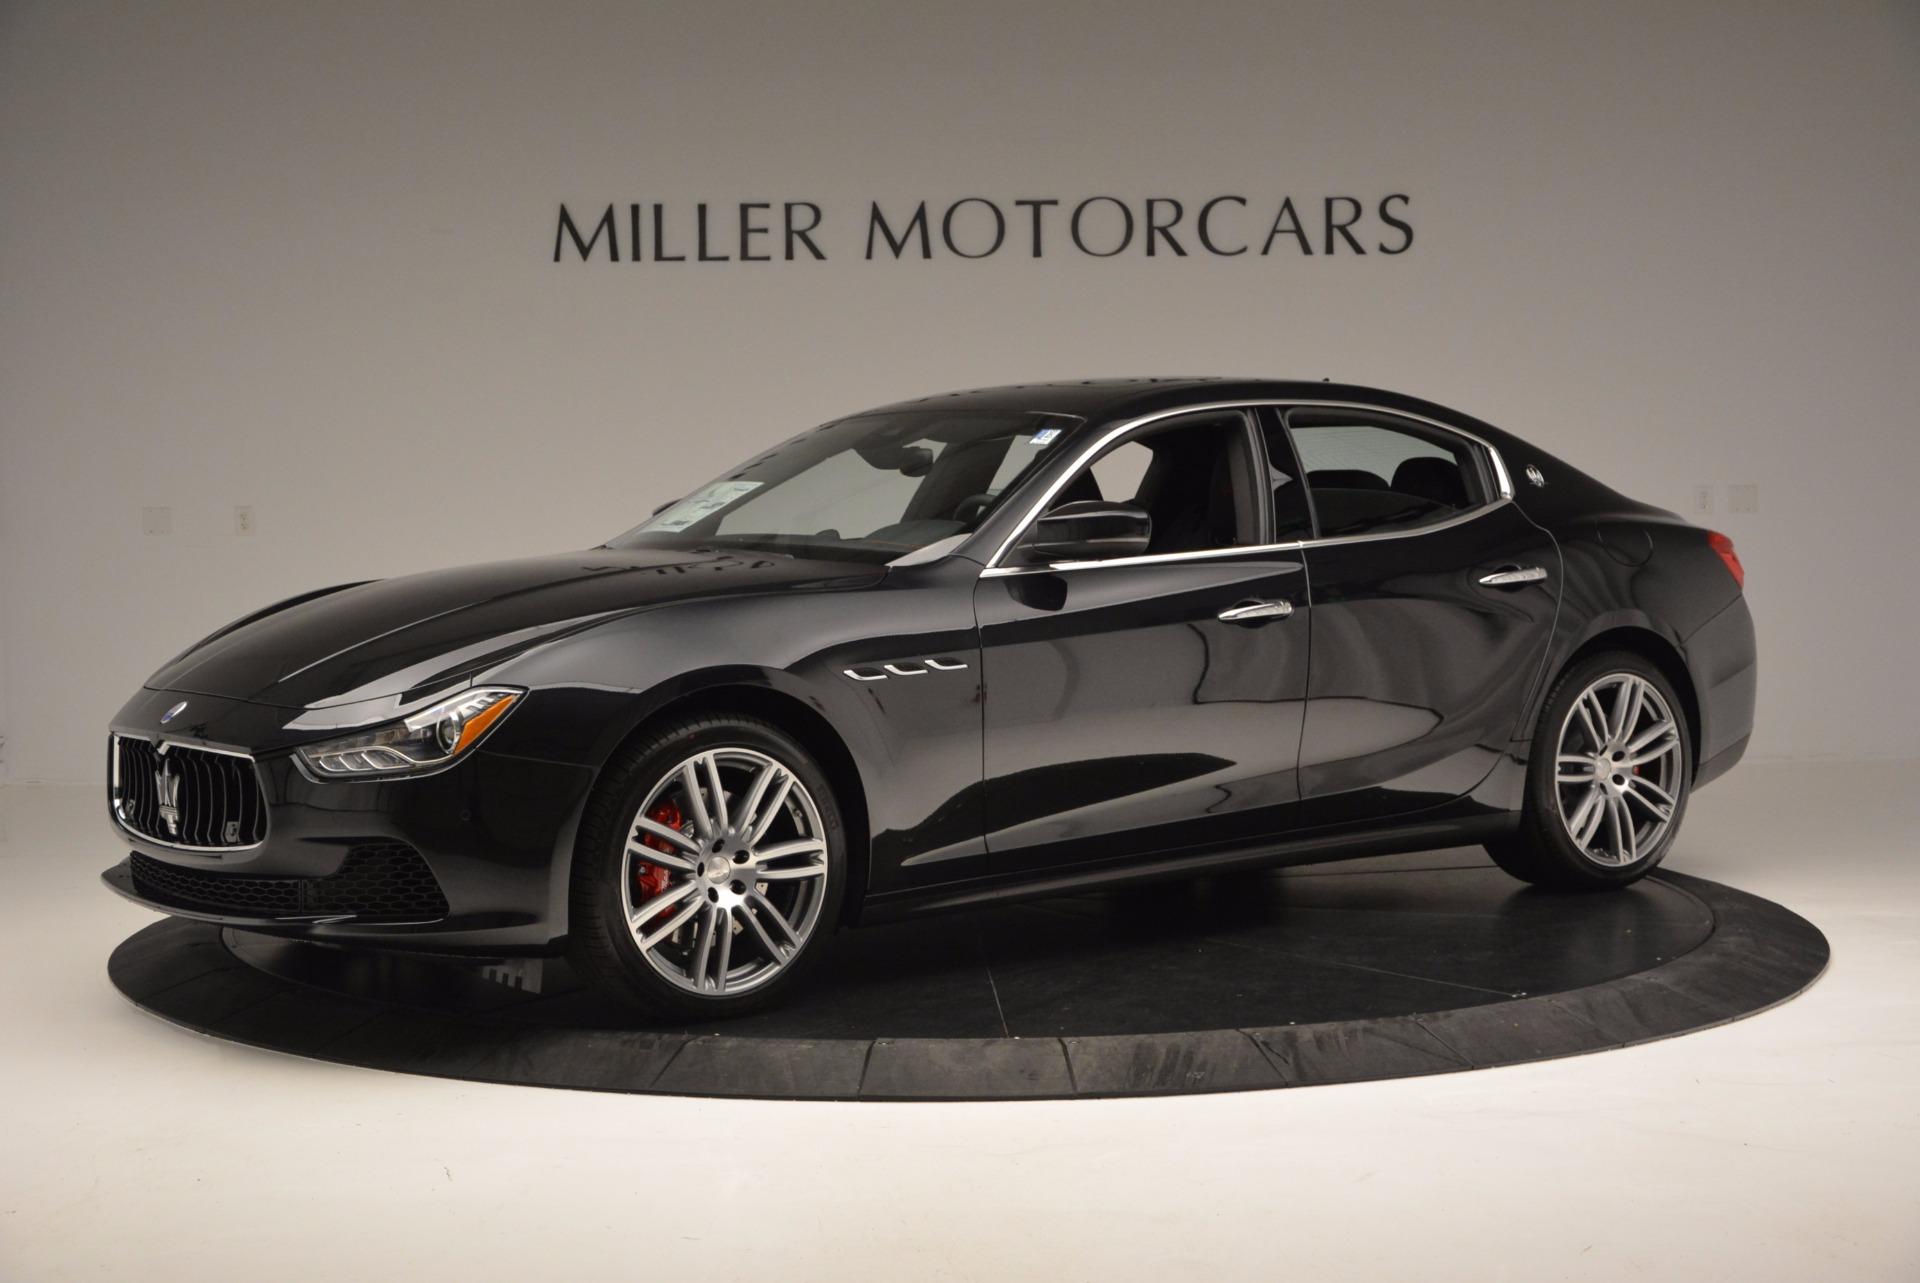 New 2017 Maserati Ghibli S Q4 For Sale In Greenwich, CT 1114_p2